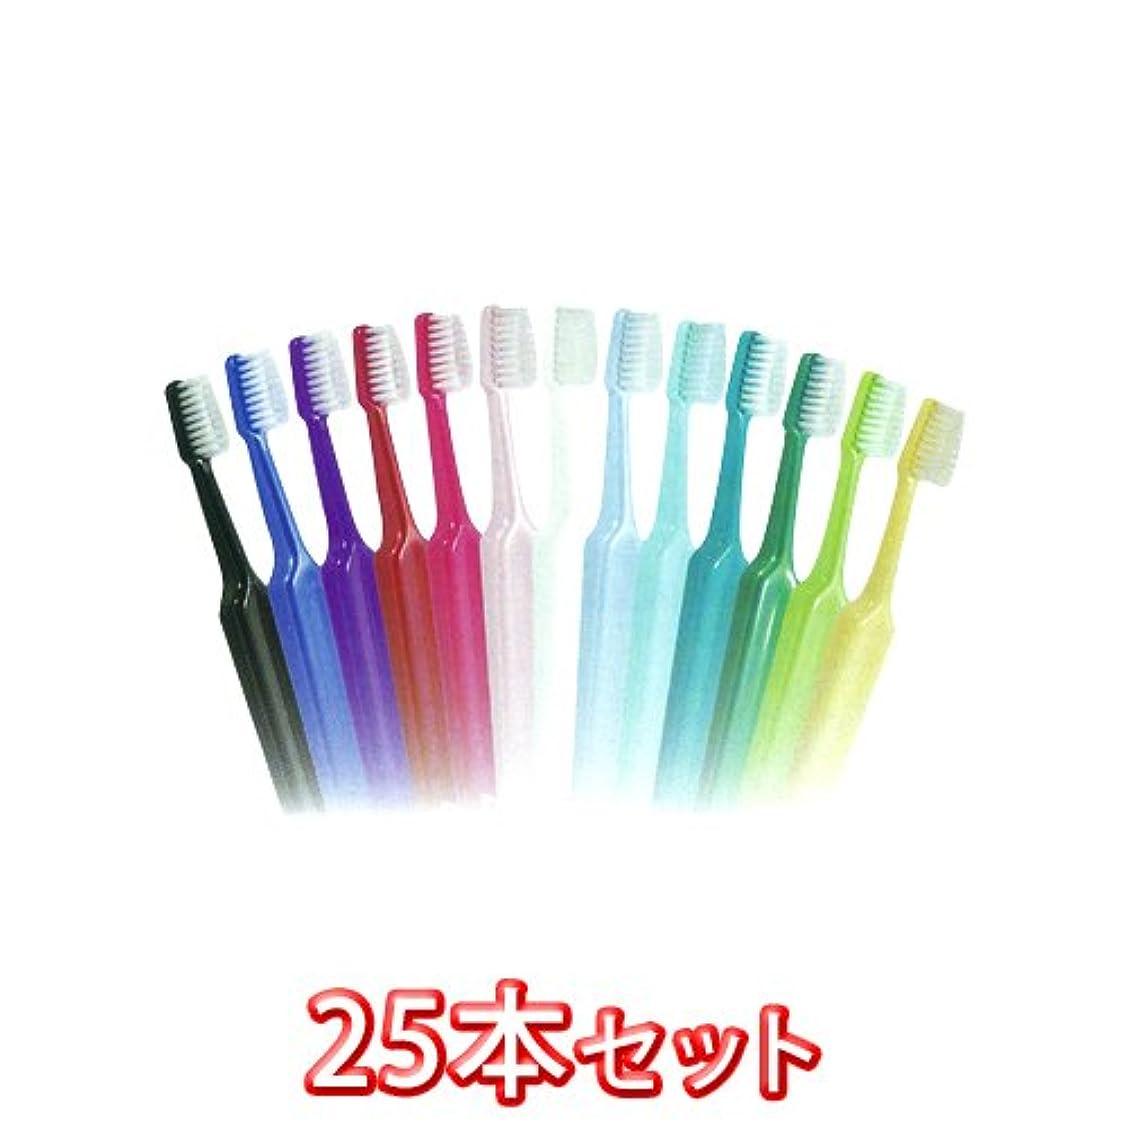 うまくやる()マーチャンダイジングを通してTePeテペセレクトコンパクト歯ブラシ 25本(コンパクトミディアム)